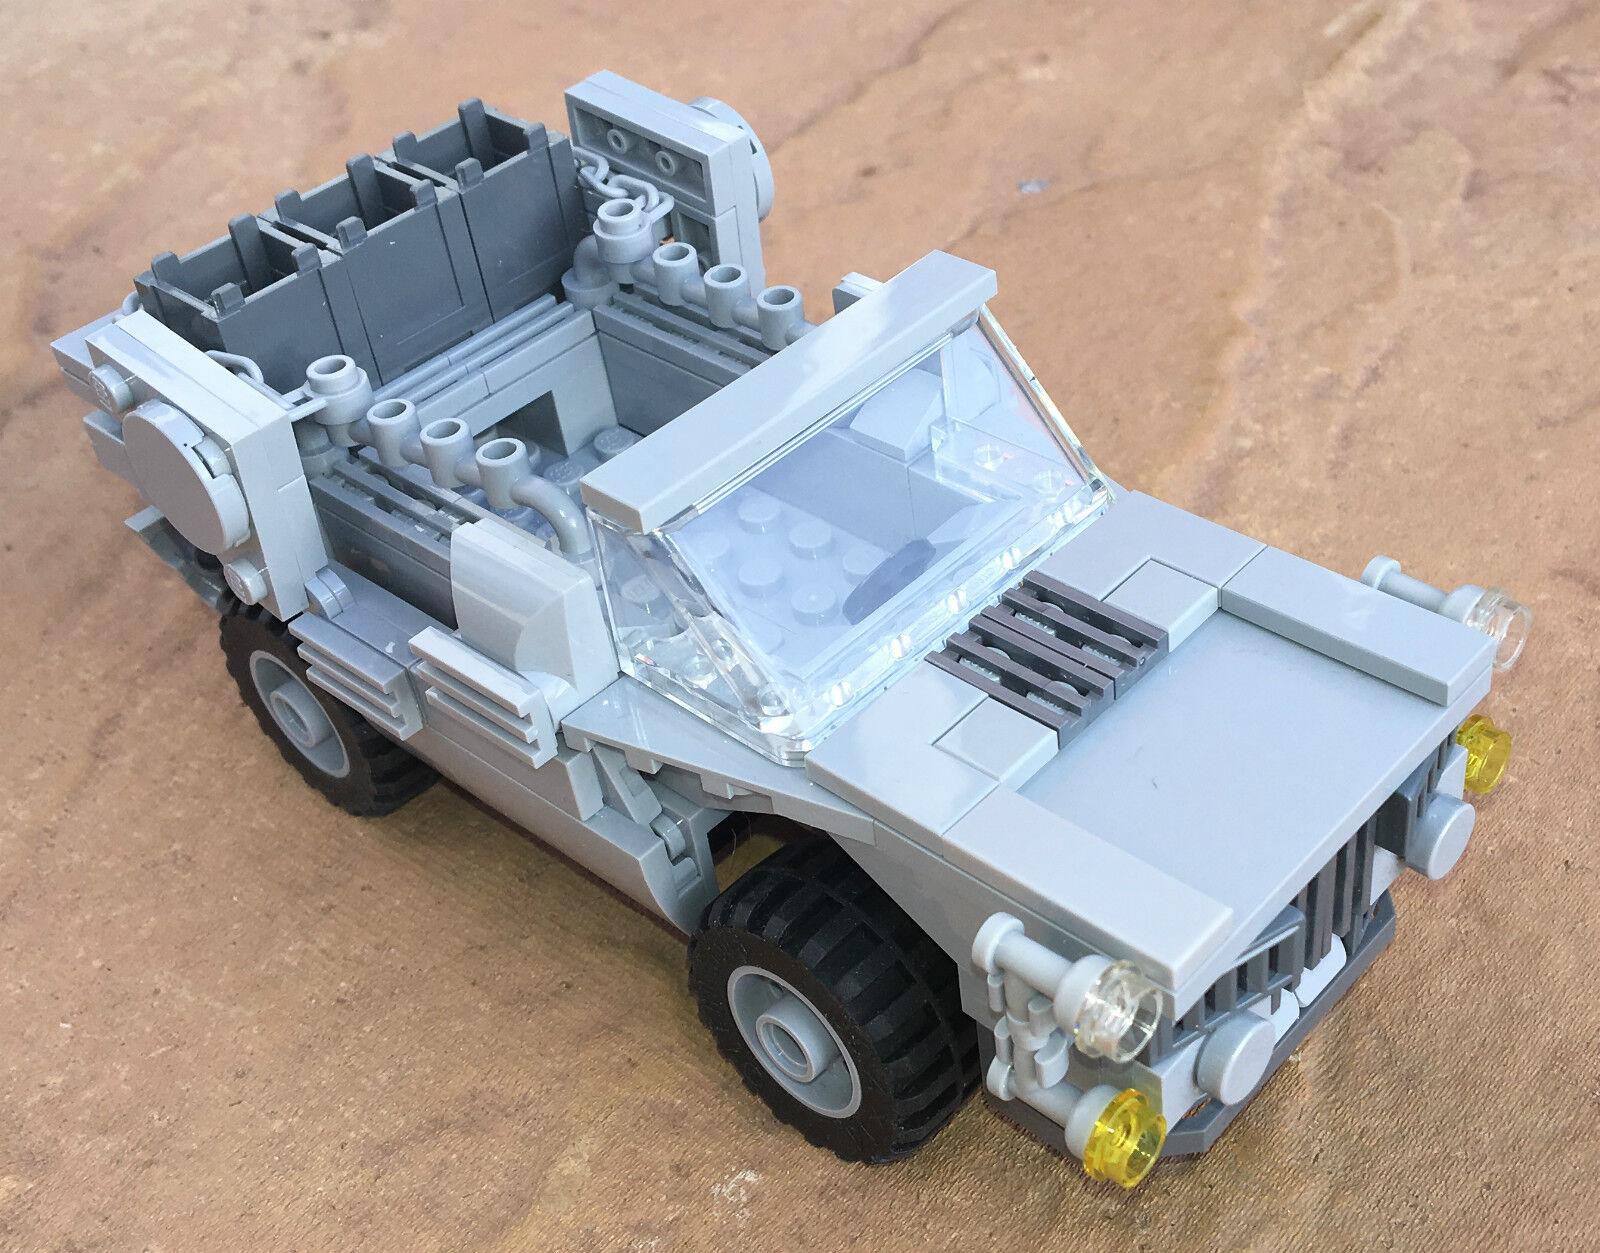 ORIGINALE Lego nuove parti-RICOGNIZIONE Mad Max Auto Veicolo personalizzato-IL MIO Design